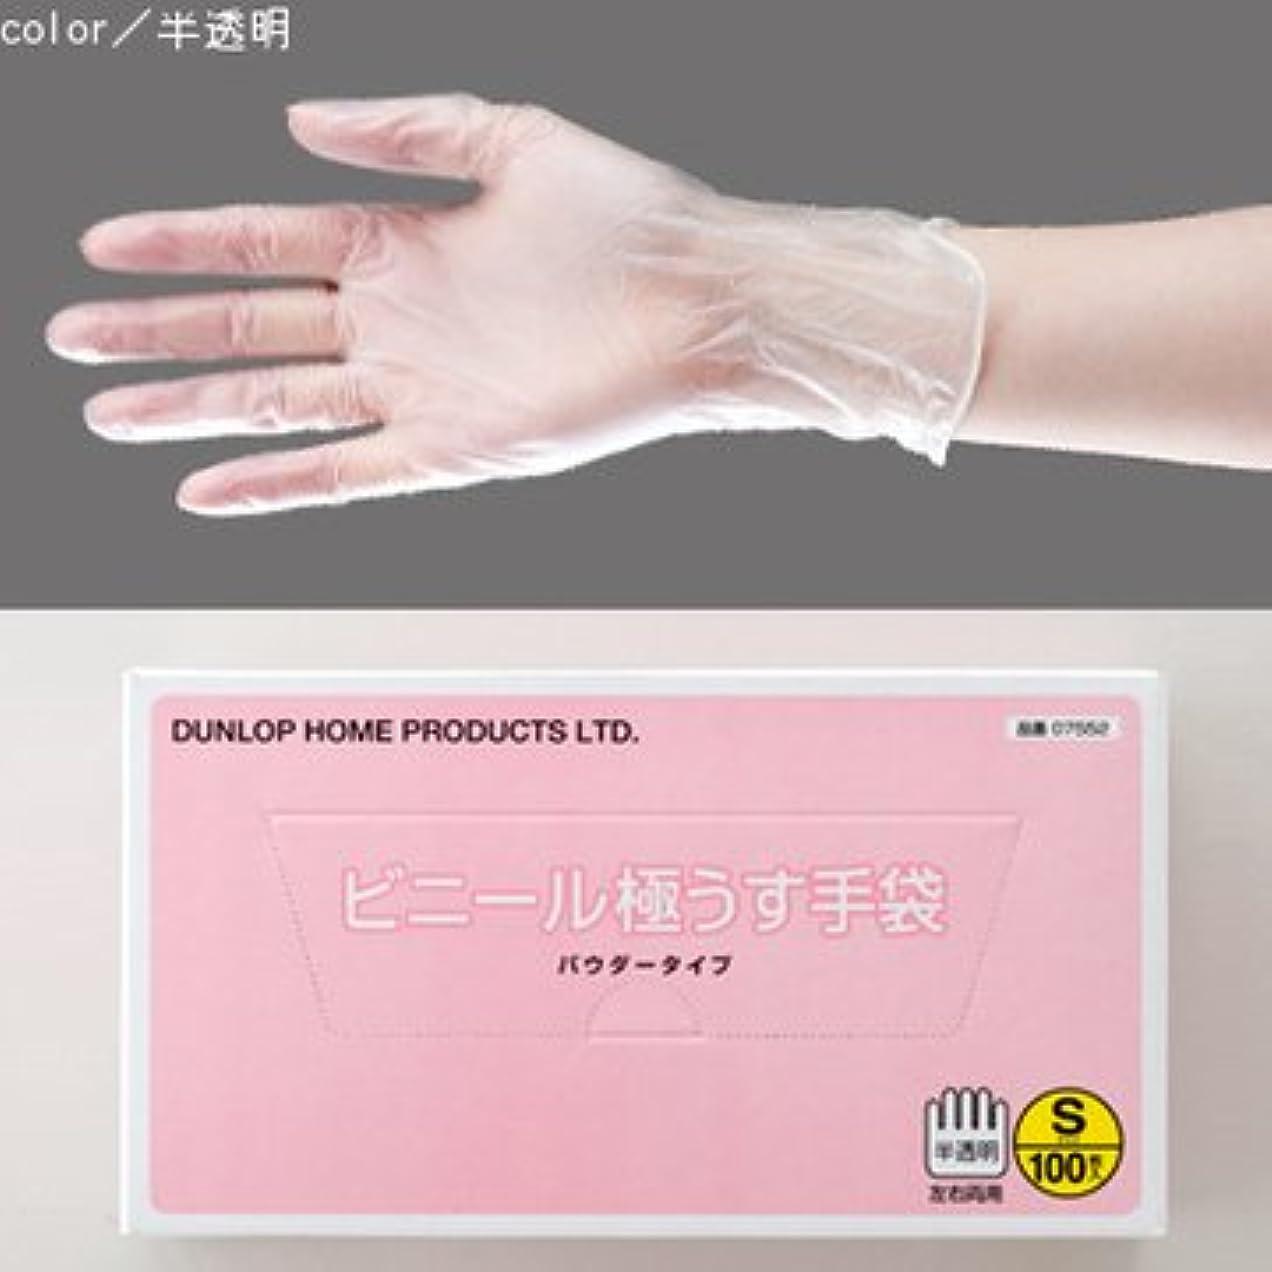 ウィザードコンパス隠されたビニール極うす手袋 100枚入 (M)